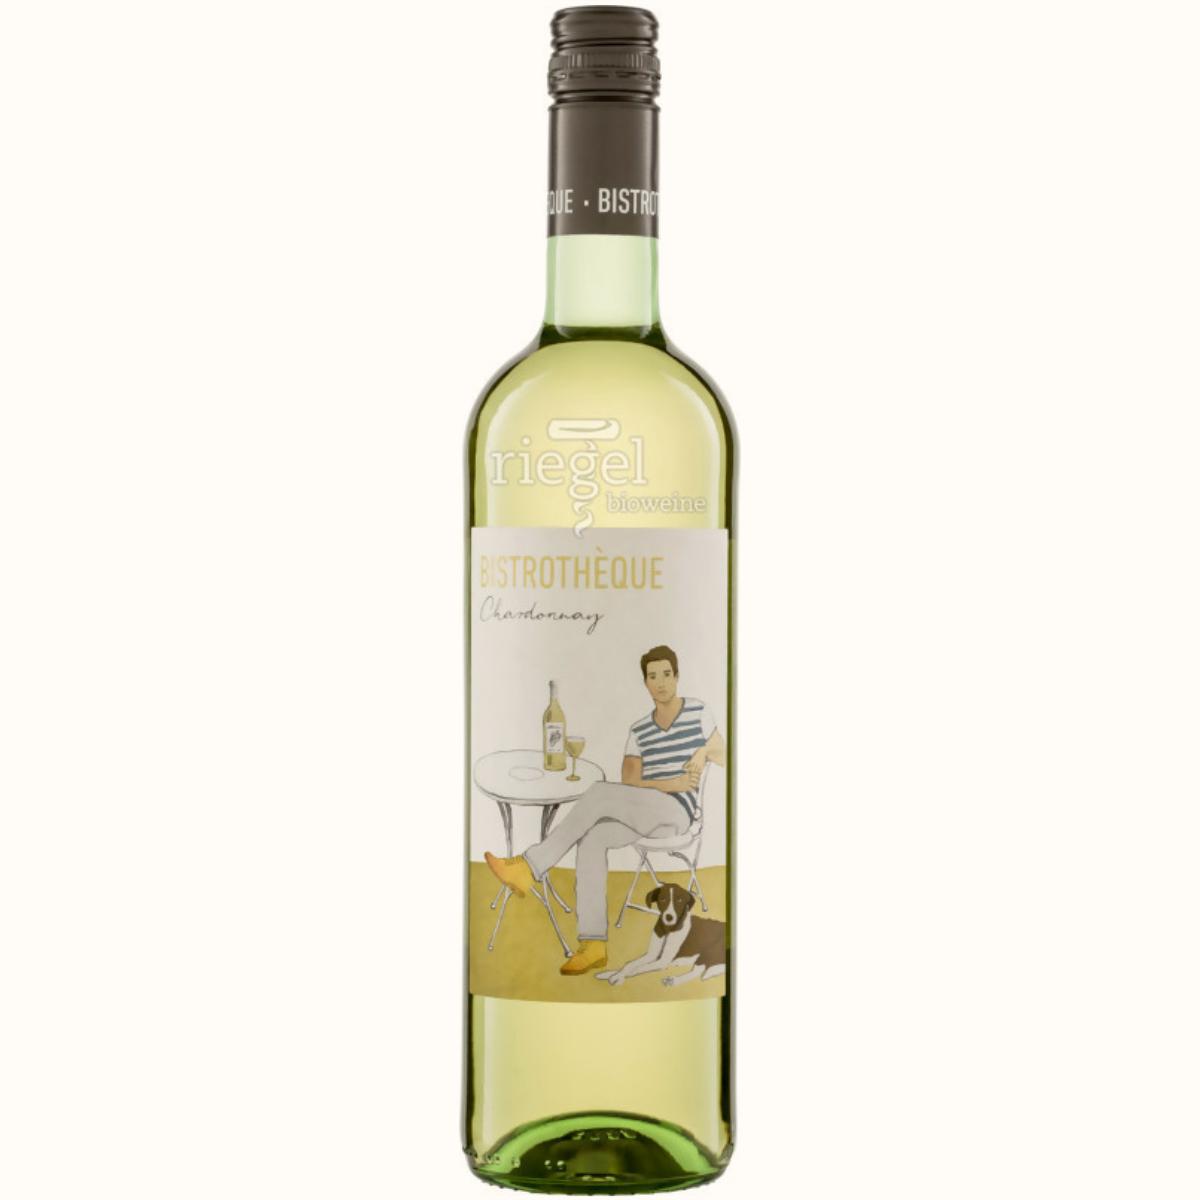 Bistrotheque Chardonnay, Biowein, Riegel Biowein, Wein kaufen